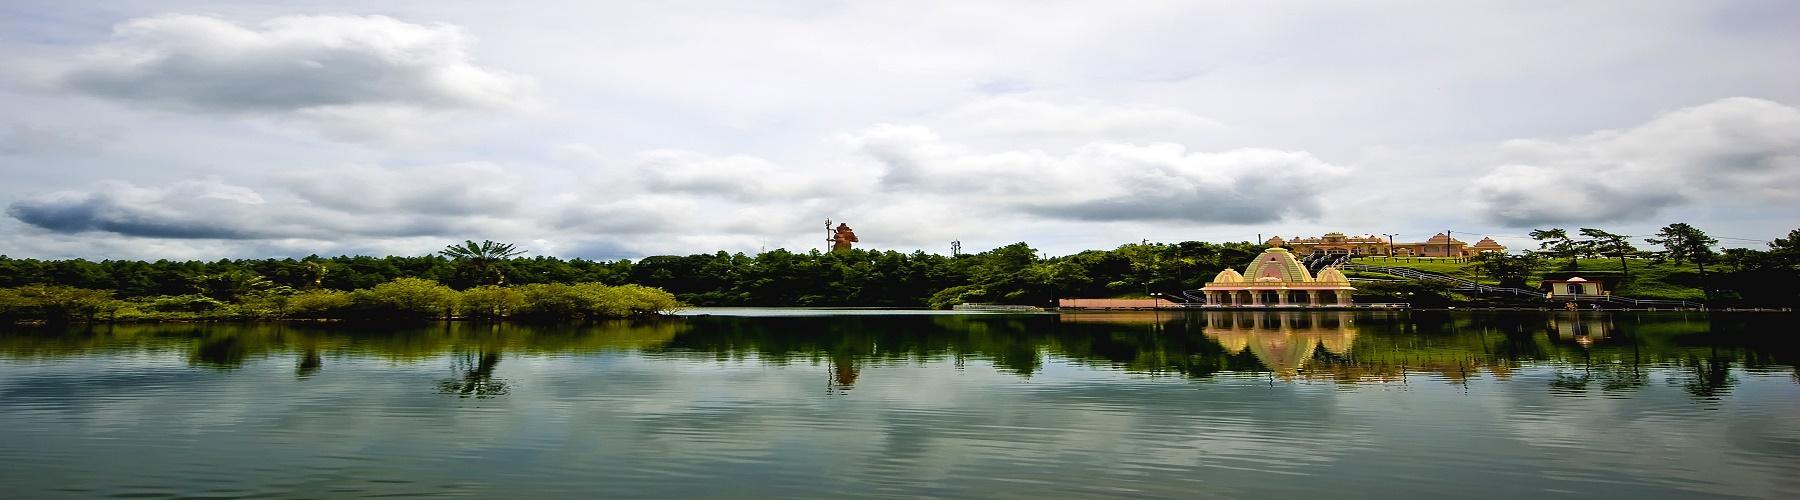 Озеро Гранд-Бассен